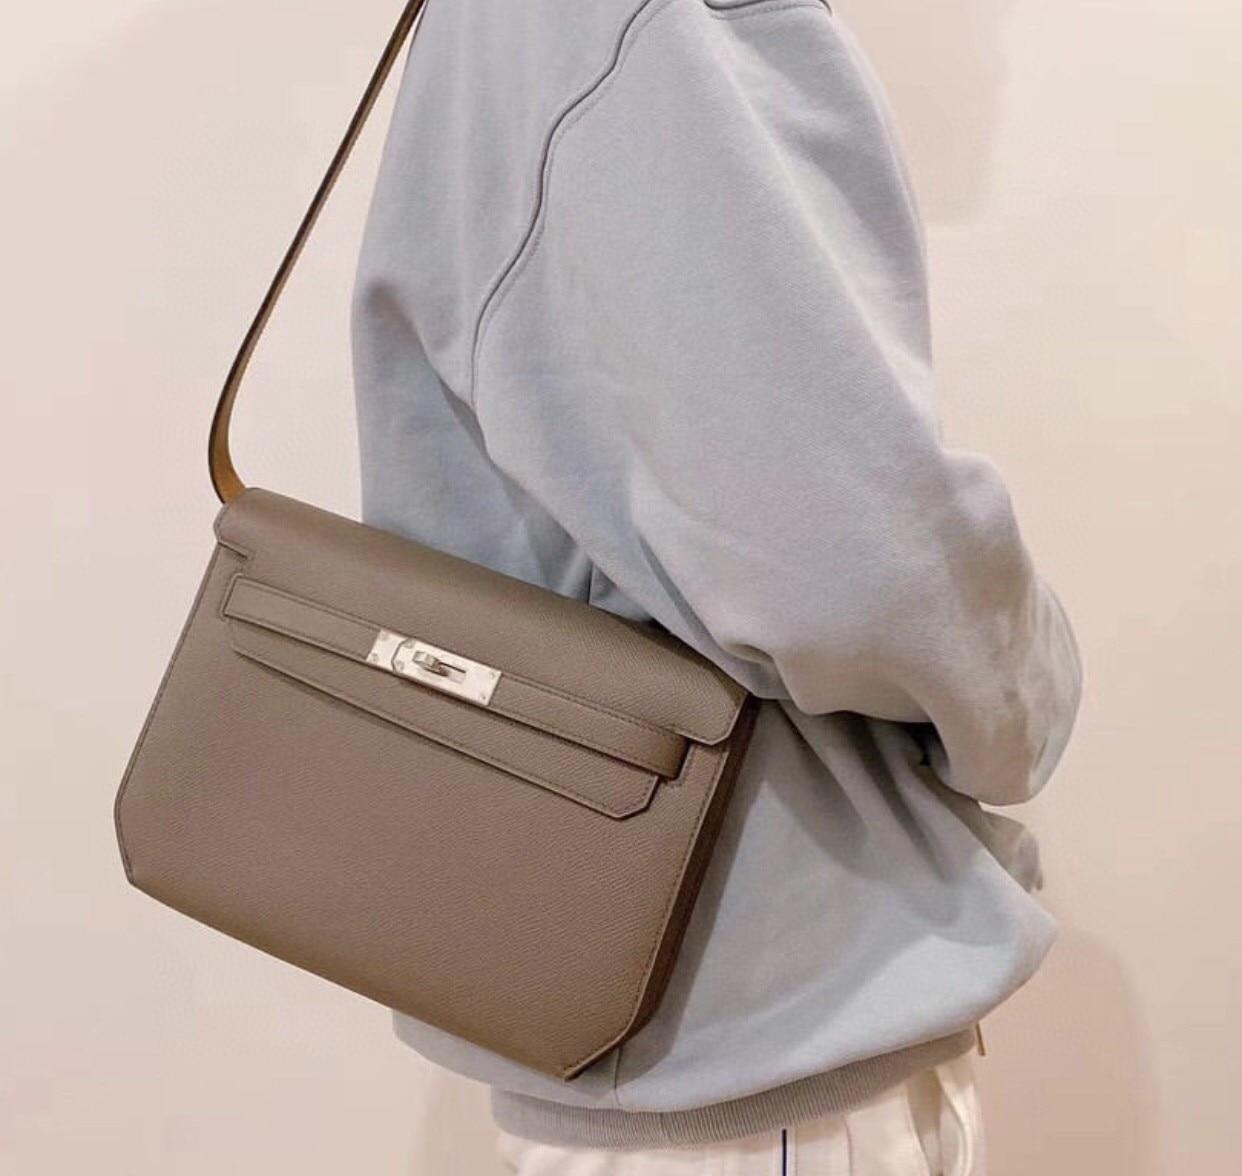 العلامة التجارية Despech محفظة ، حقيبة يد فاخرة ، 25 سنتيمتر ، Epsom الجلود ، جودة اليدوية ، الشمع Lline خياطة ، وسرعة التسليم